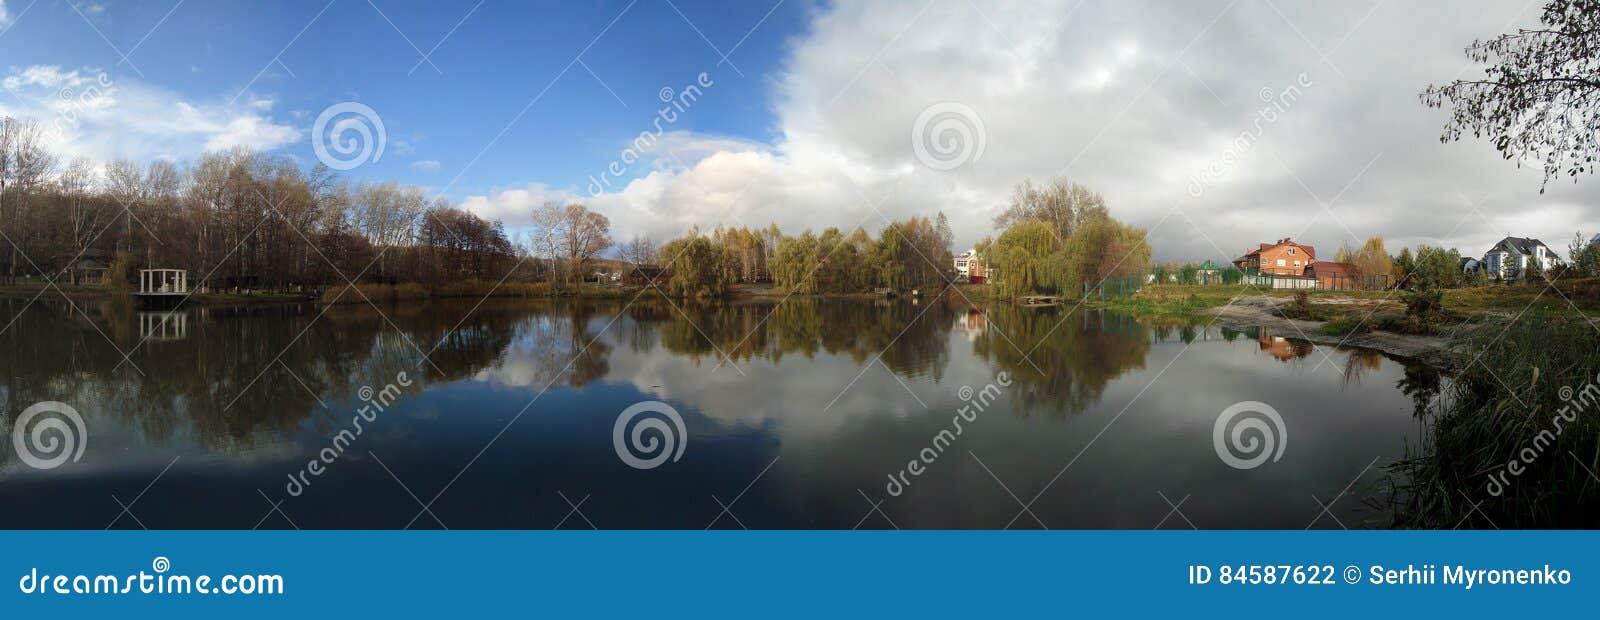 Панорама красивого озера осени